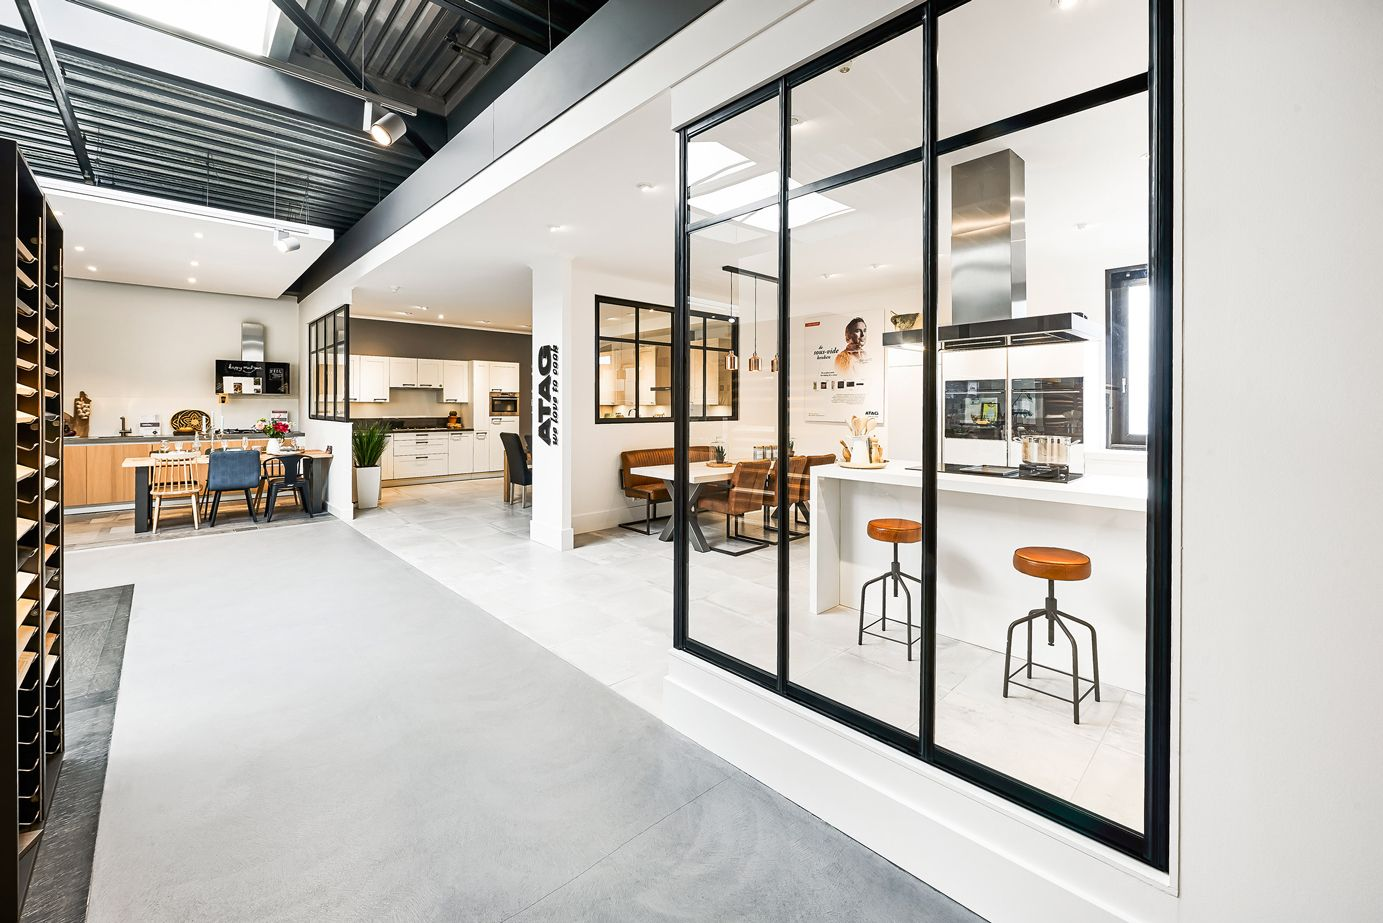 Keur Keukens Haarlem : Een overzicht van de showroom van keur keukens in haarlem keur